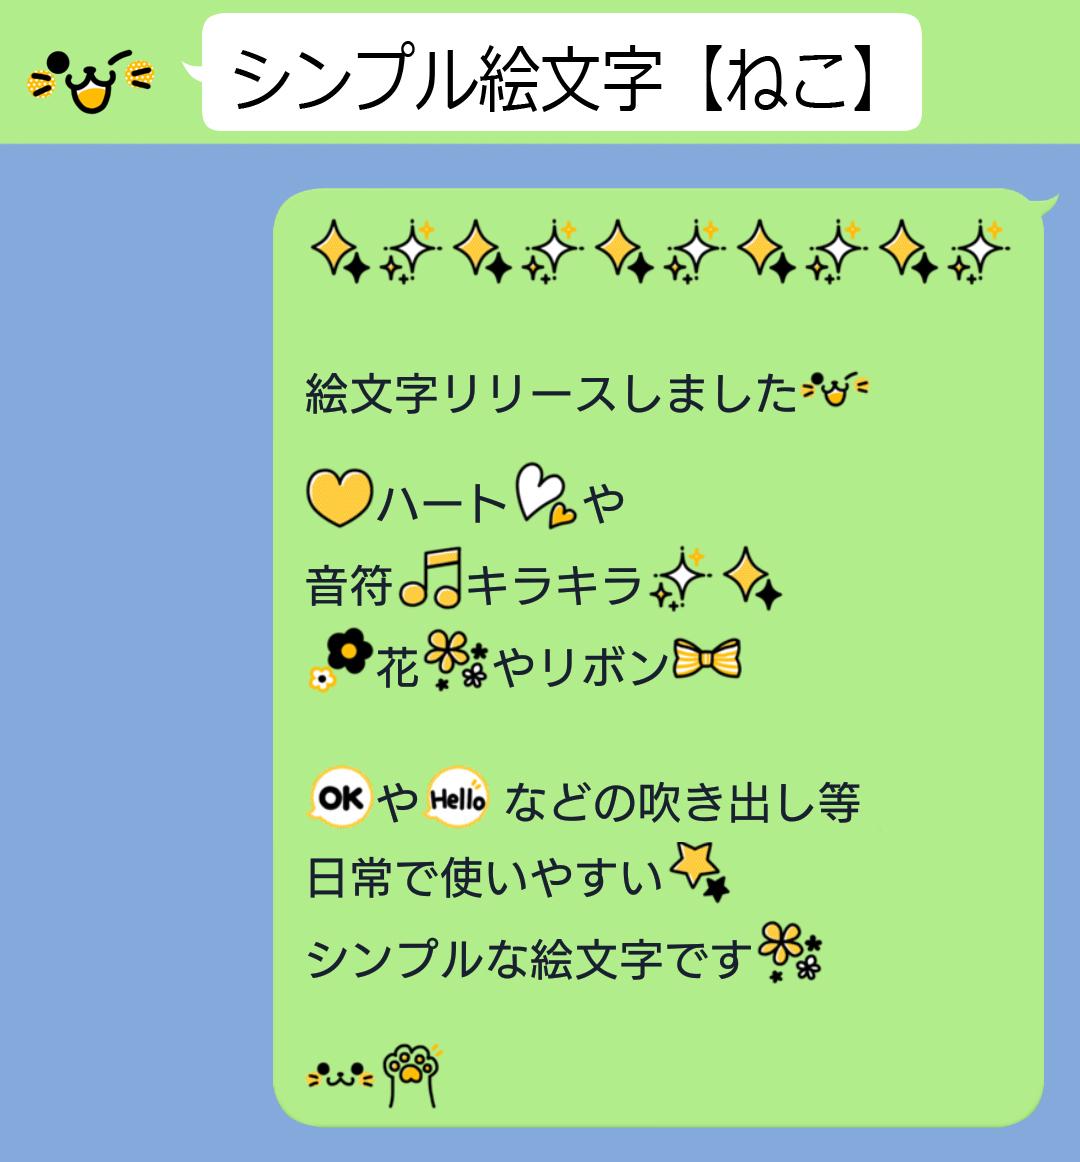 シンプル絵文字_ねこ